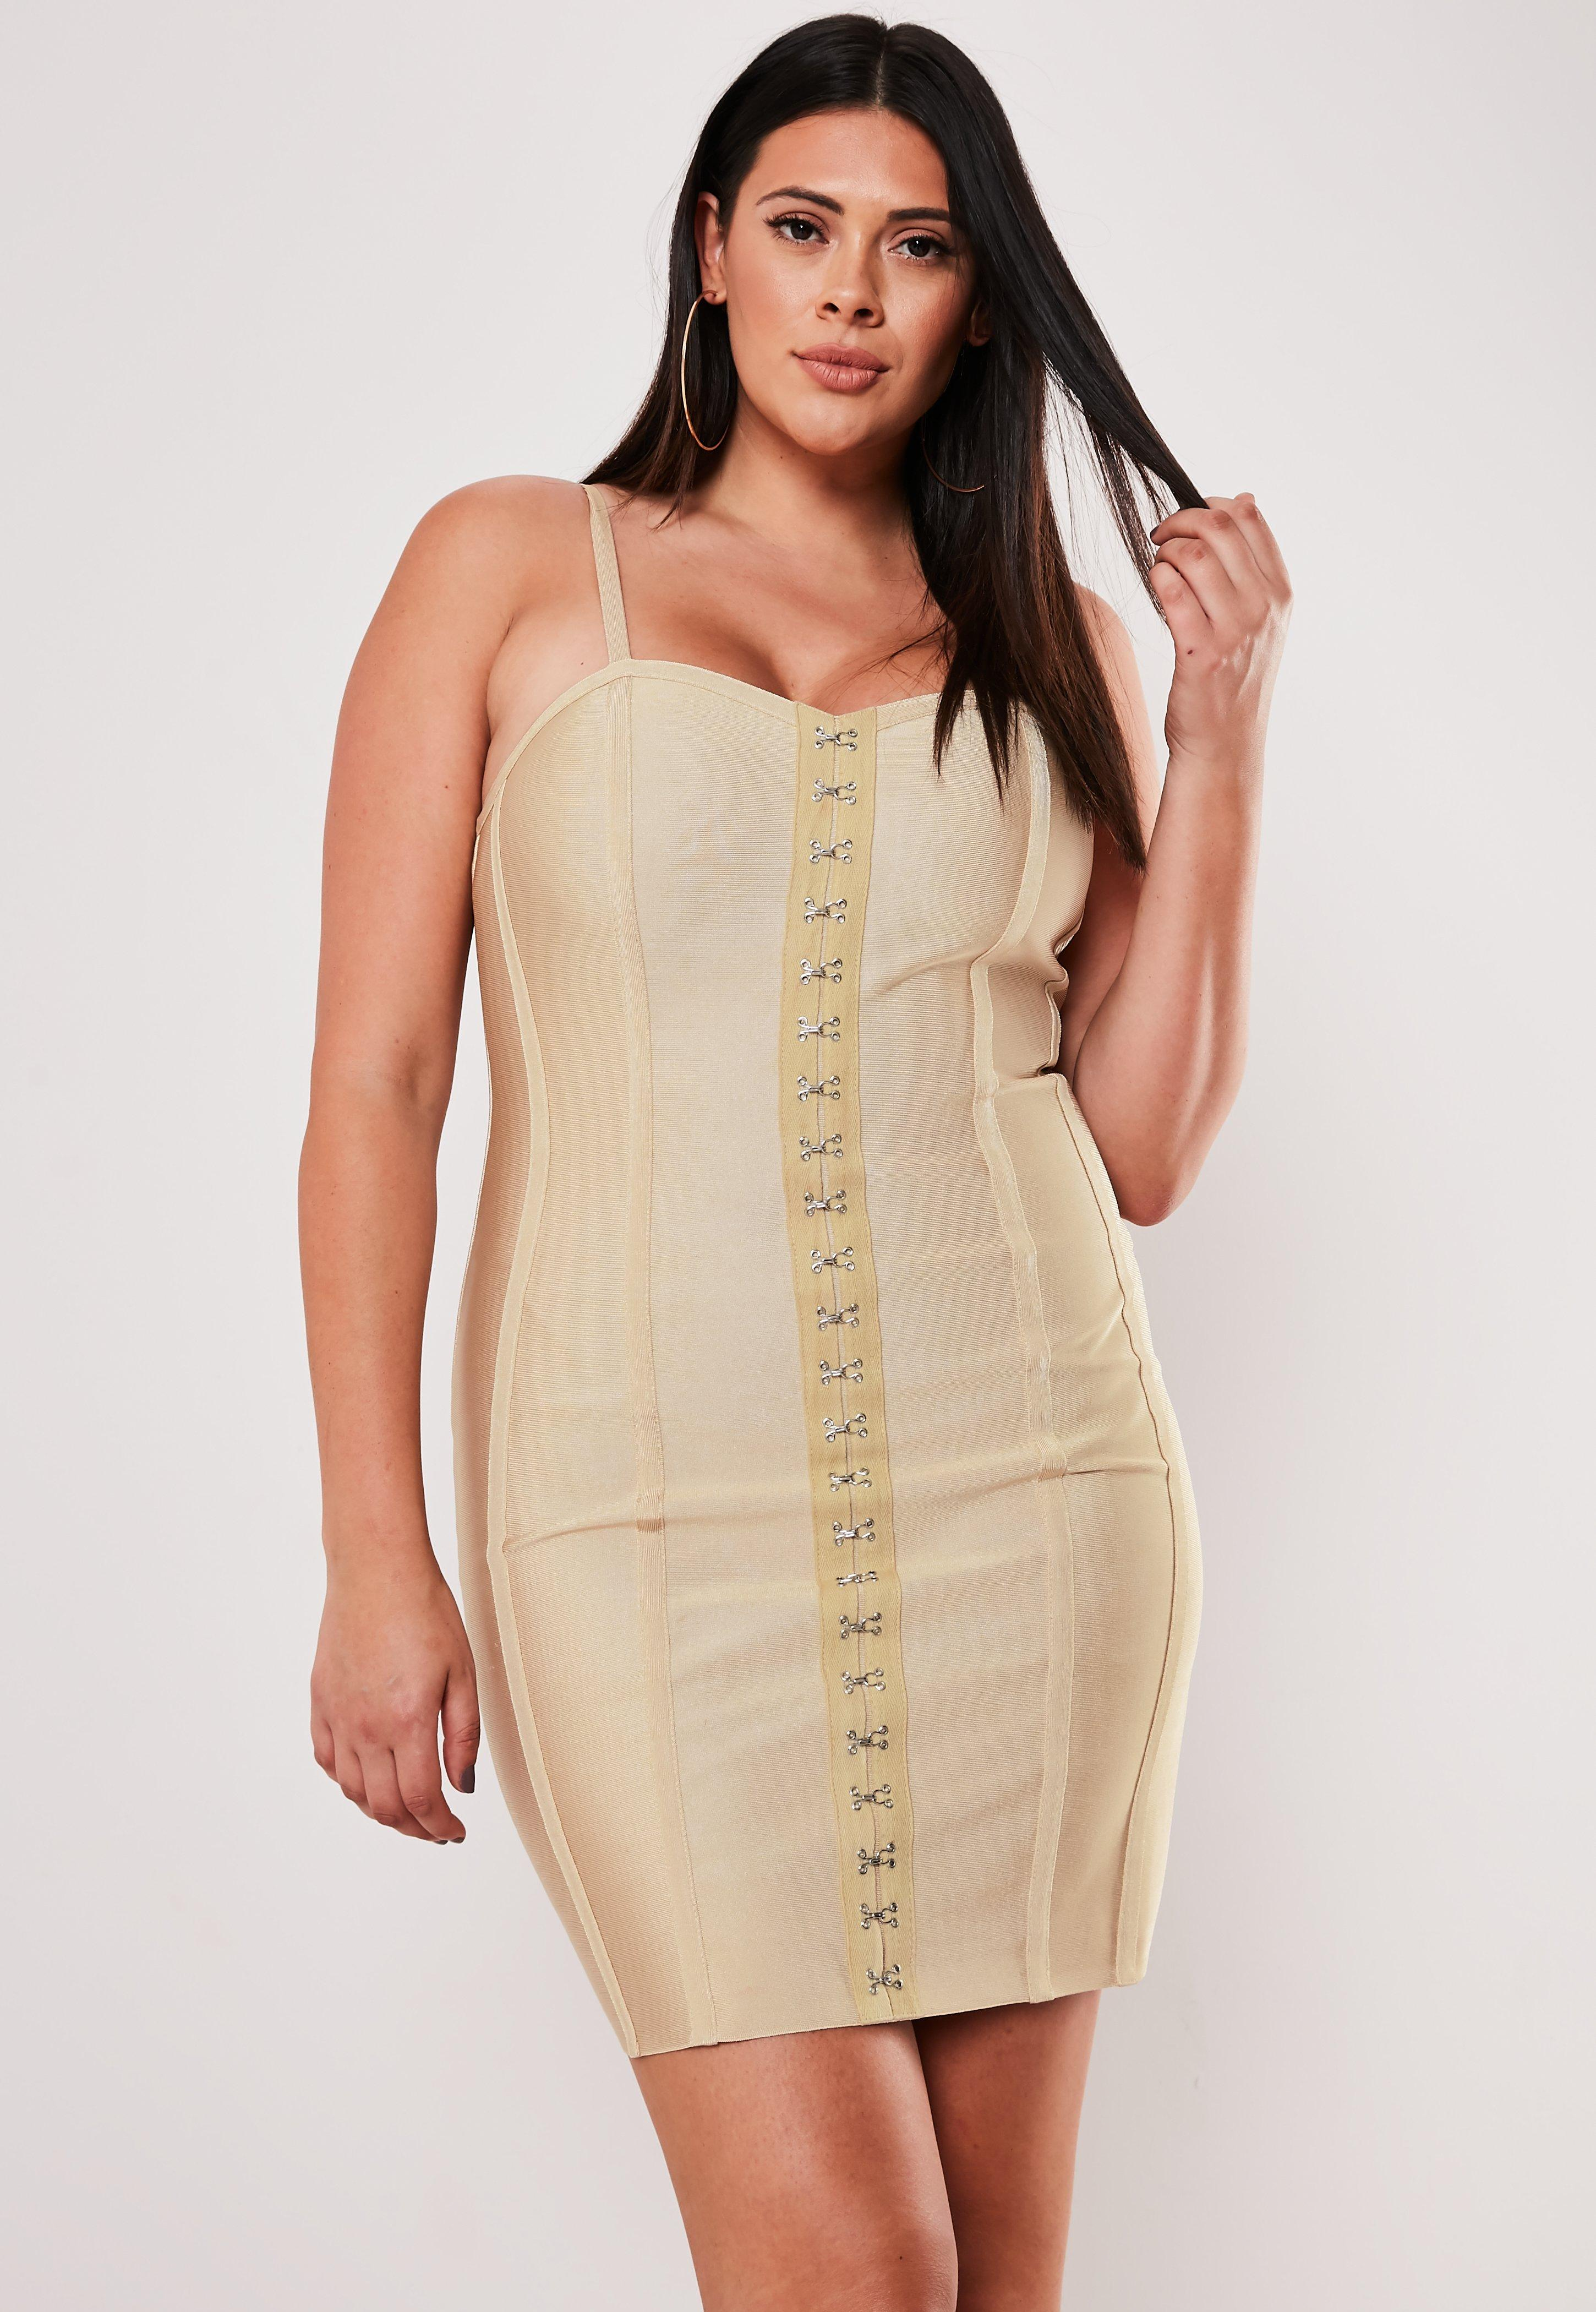 979db89563b6 Bandage Dresses | Figure Hugging Dresses - Missguided